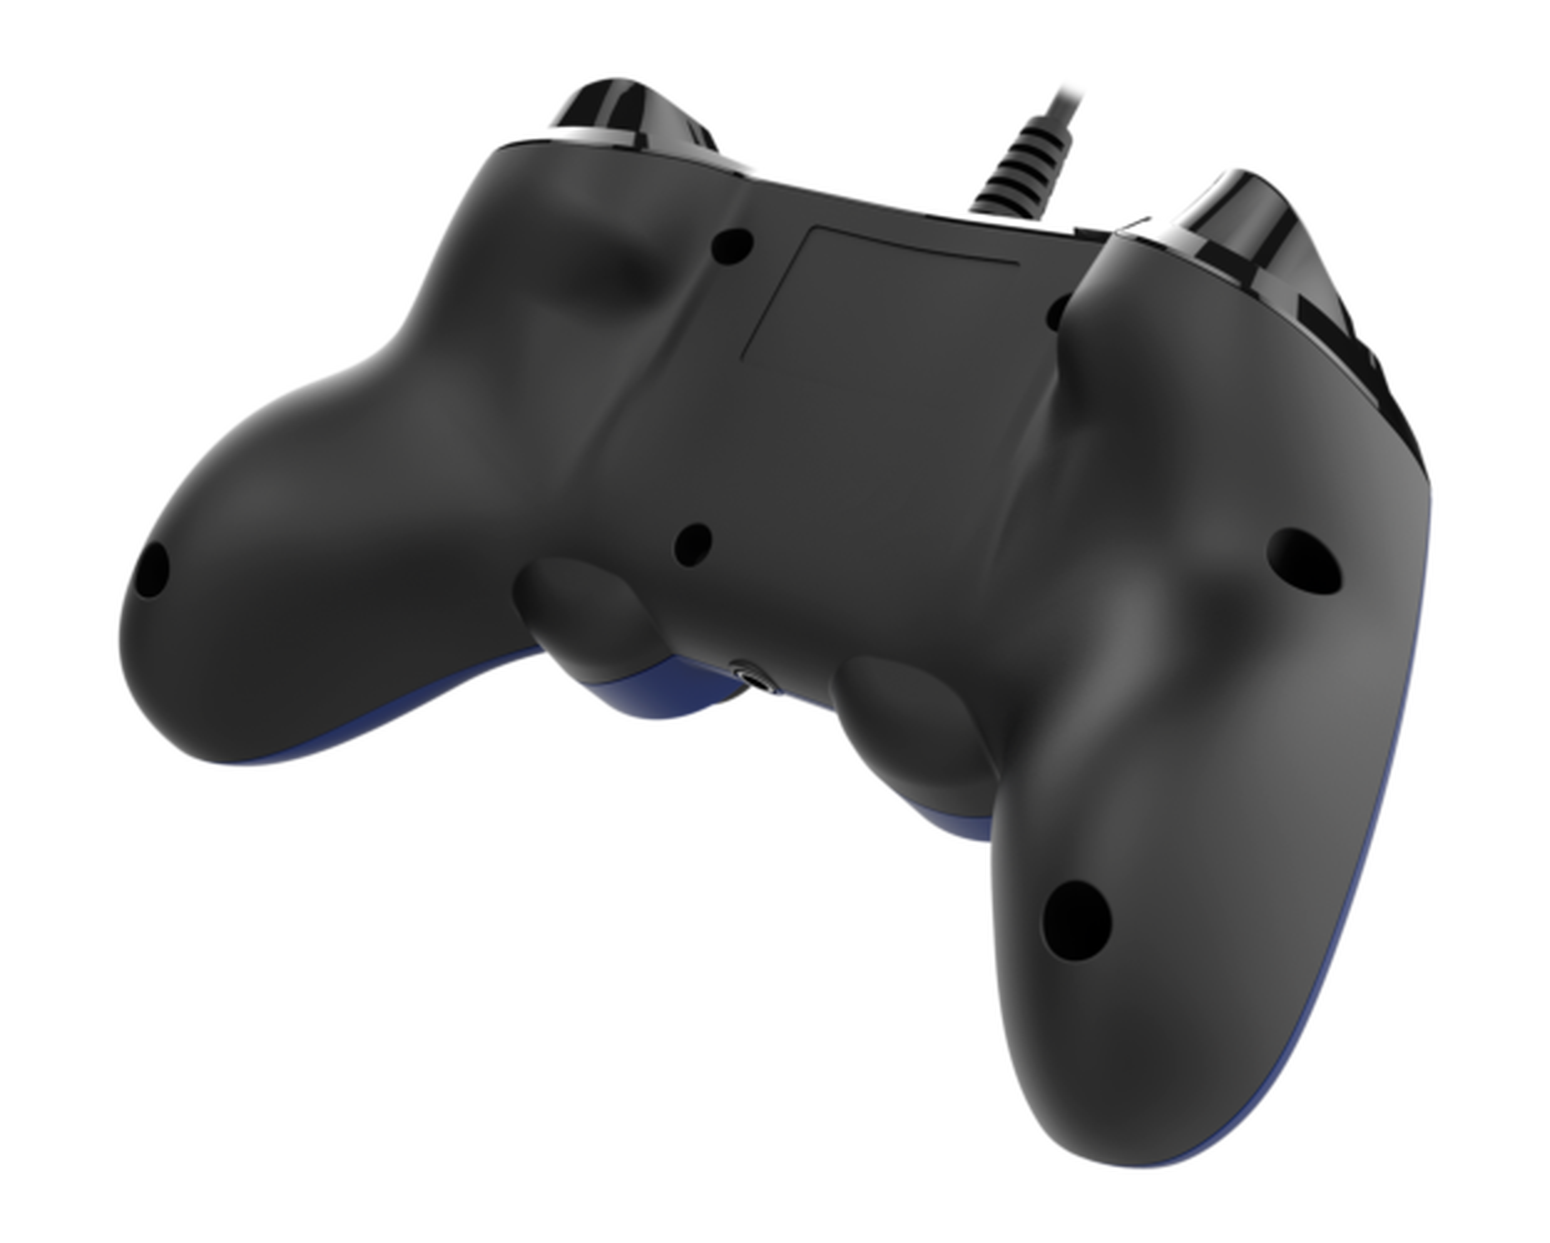 Manette filaire compacte PS4